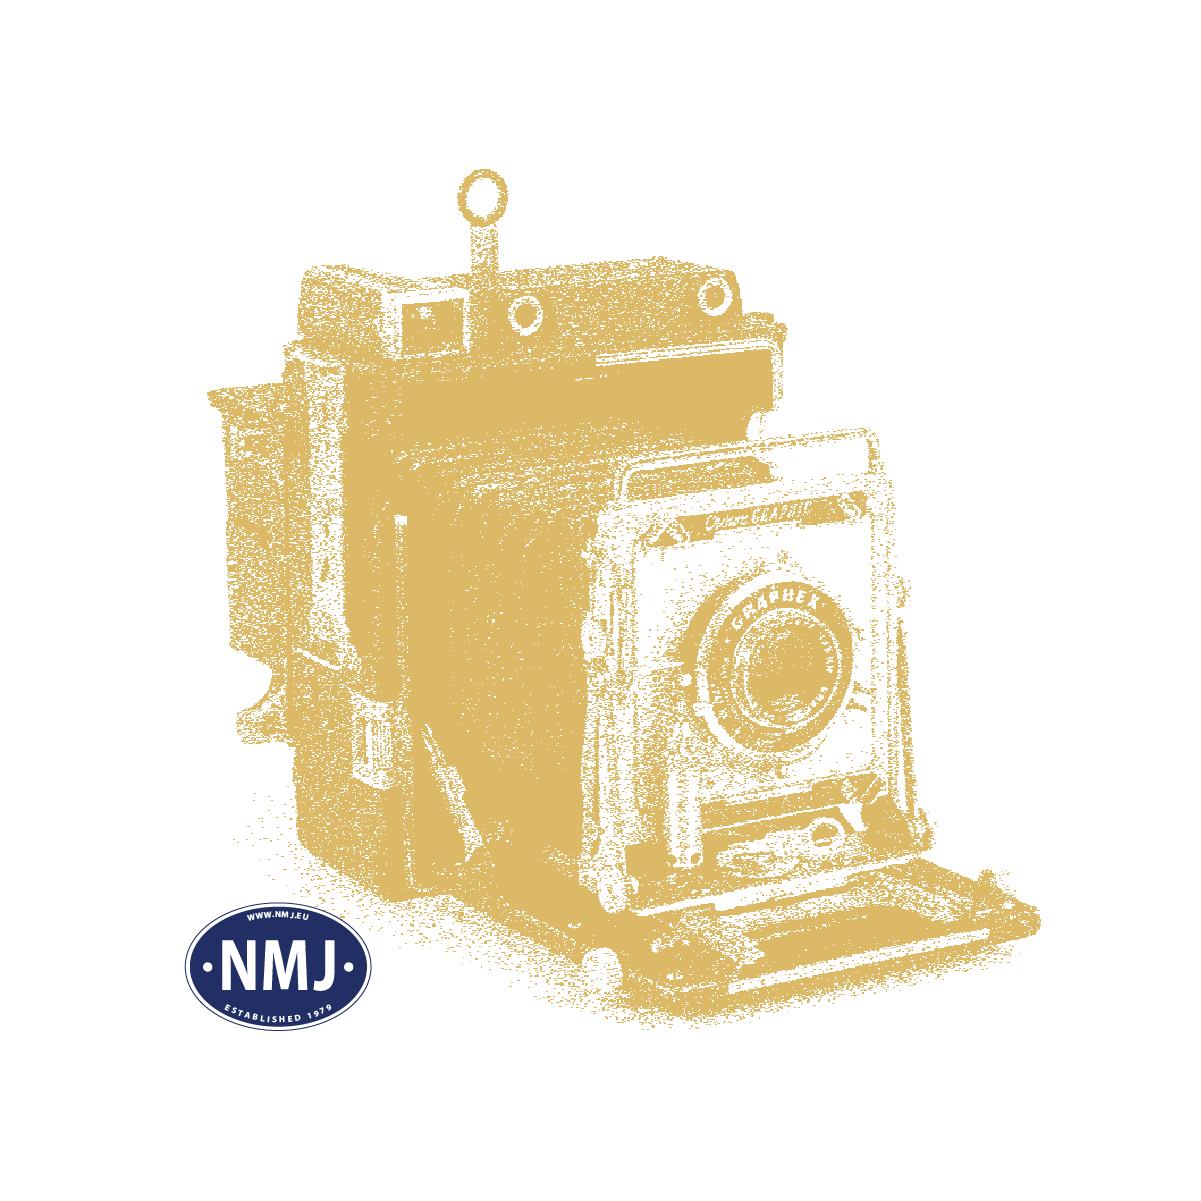 NMJT113.301 - NMJ Topline NSB CB1 21218, Nachtzug Bistro Salongwagen, neuen Design